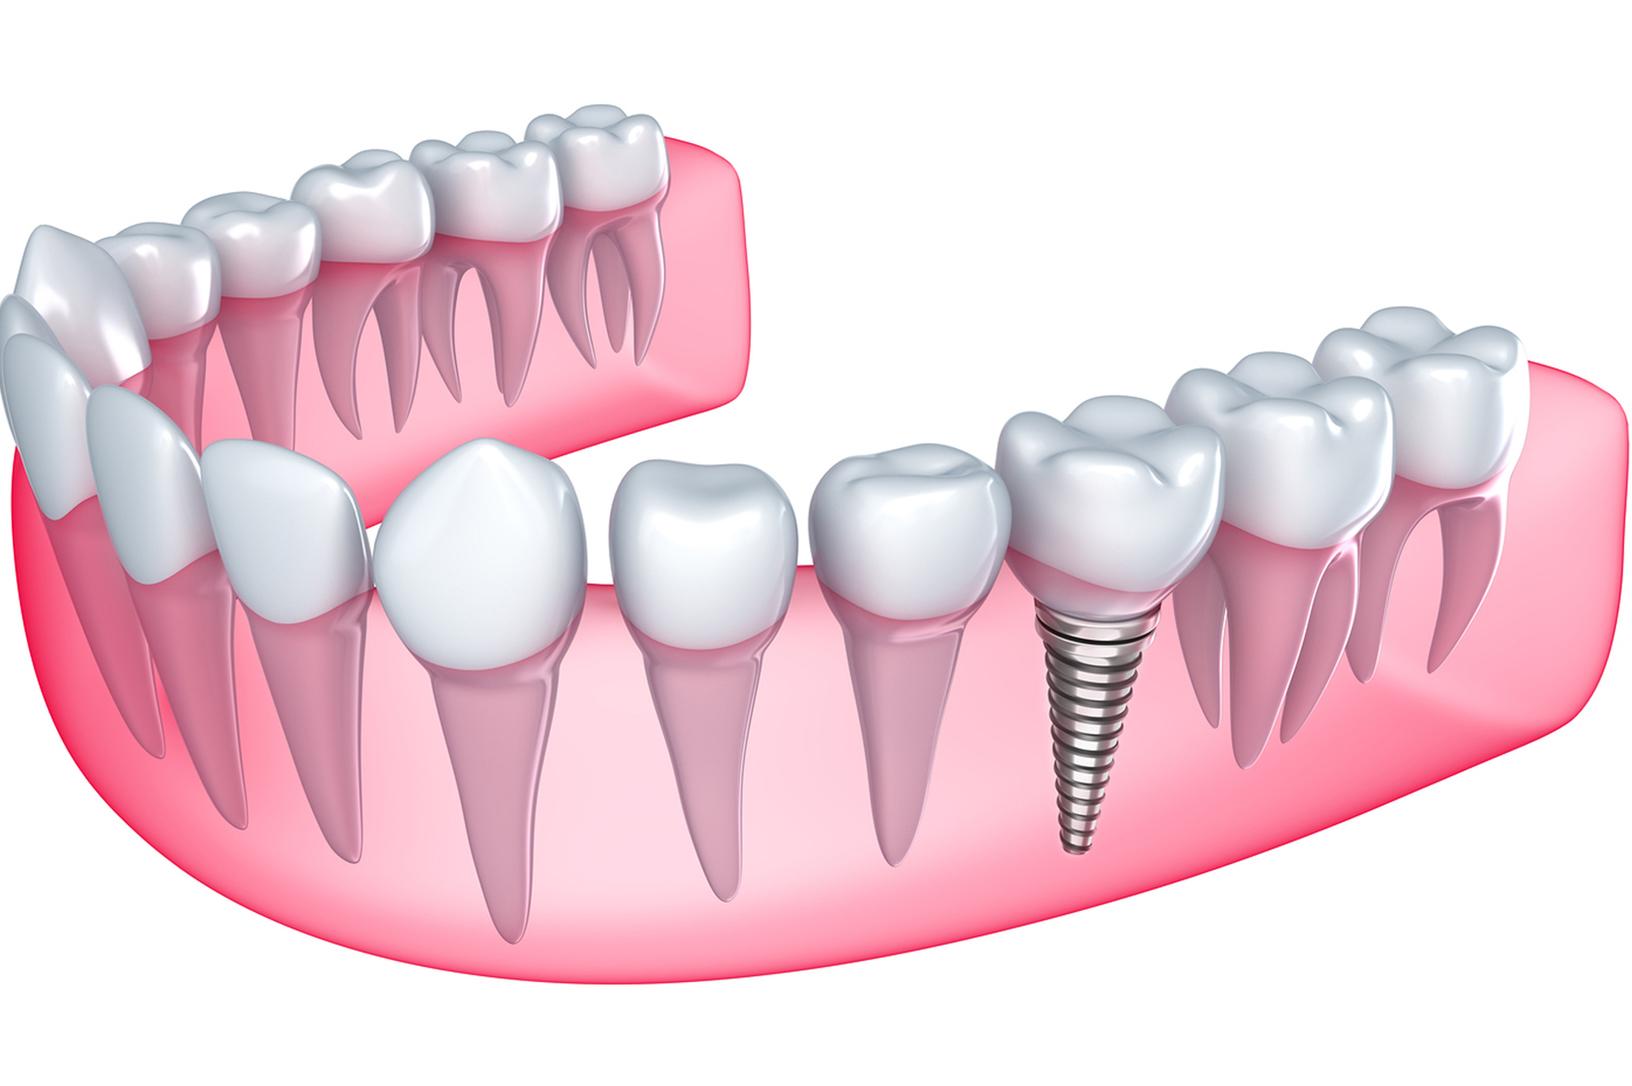 Протезирование зубов схема зубов